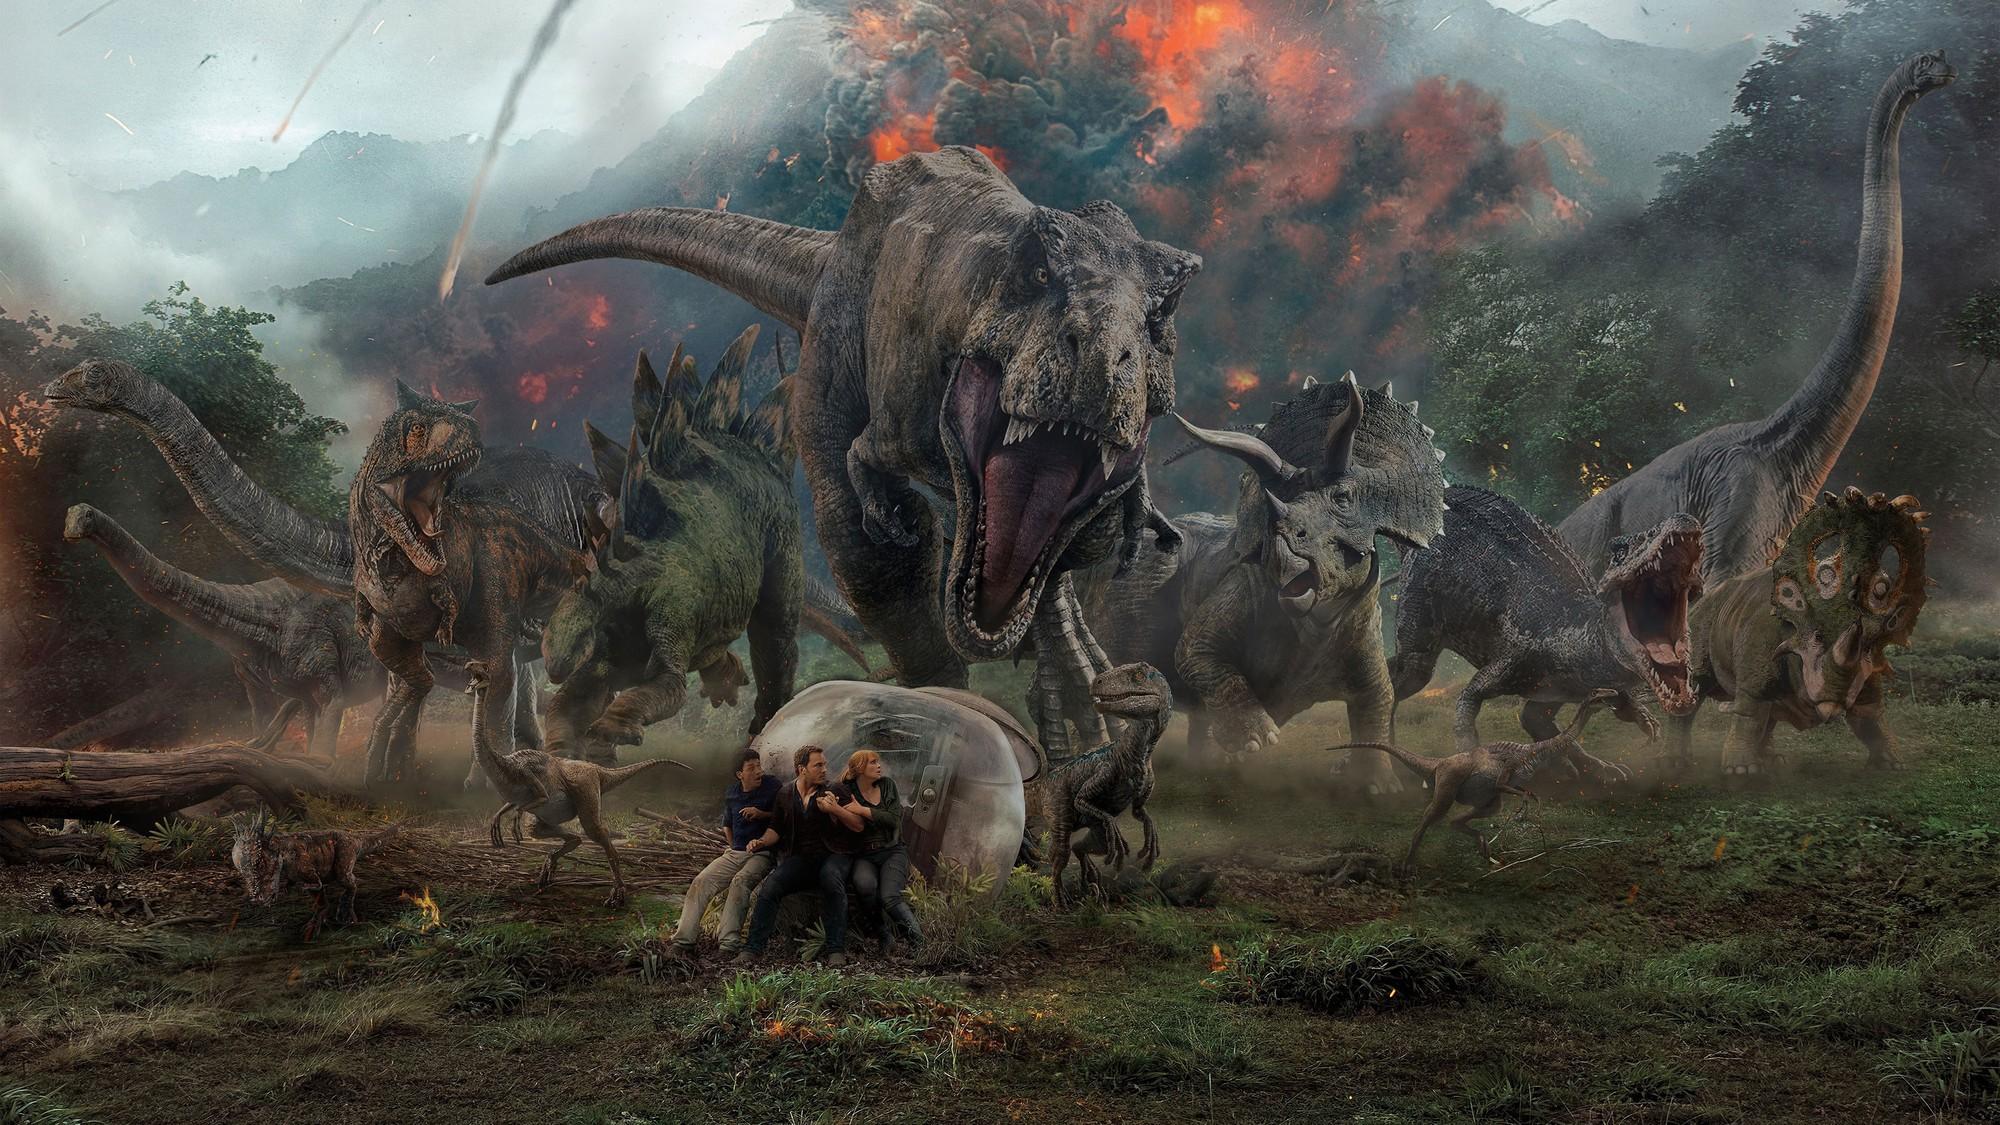 Hỏi thật: Liệu con người có thể hồi sinh khủng long như trong Jurassic World không? - Ảnh 1.